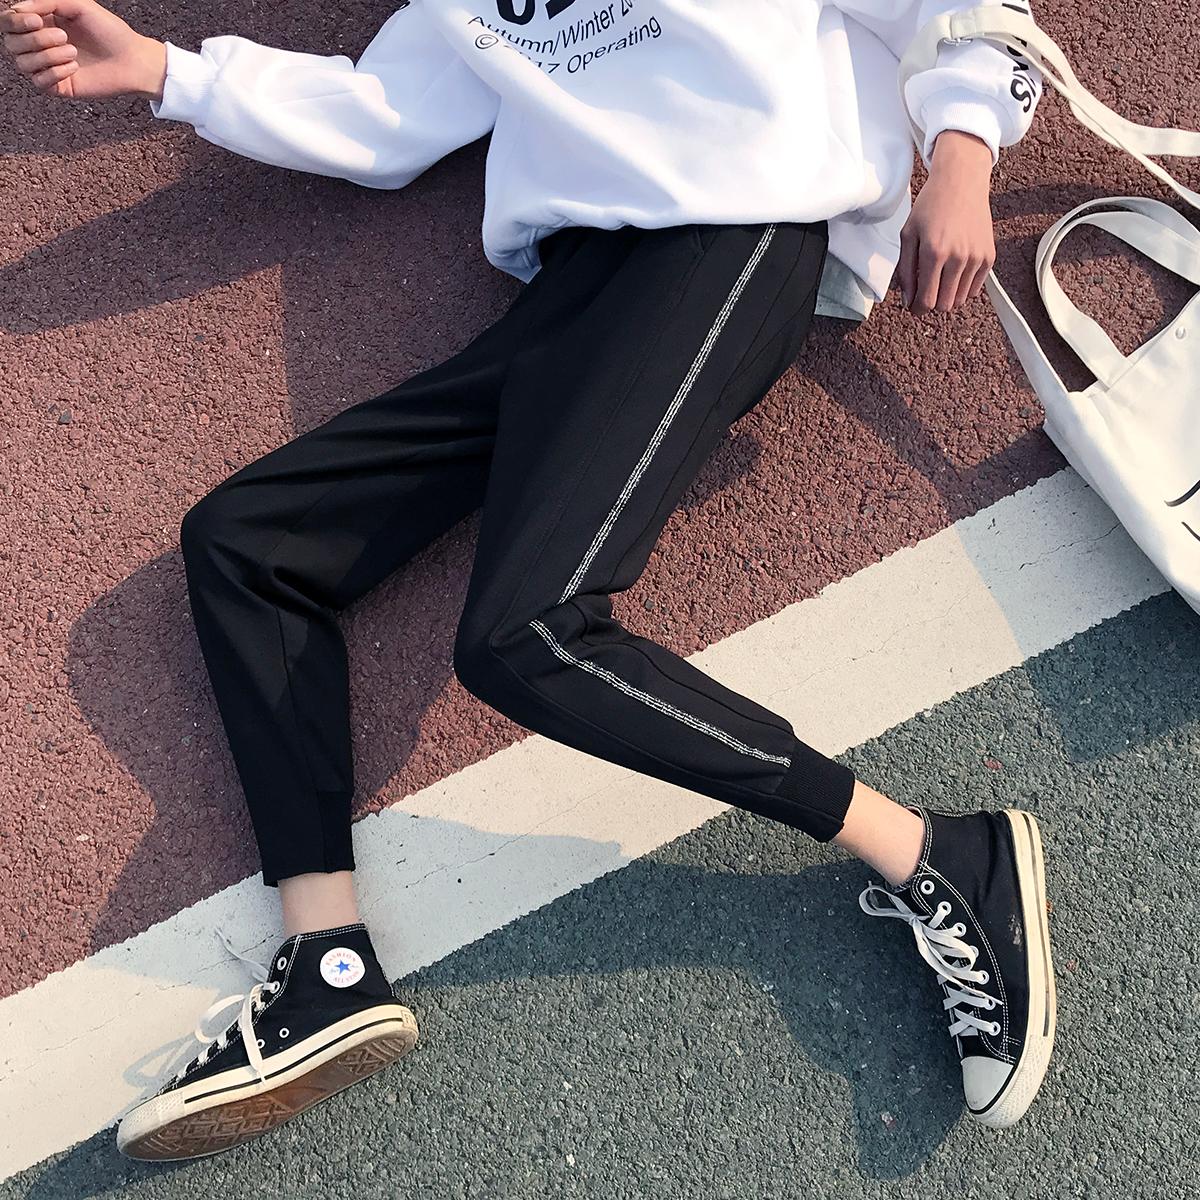 @方少男装 春季运动小脚休闲裤男日系纯色修身黑色大码九分裤